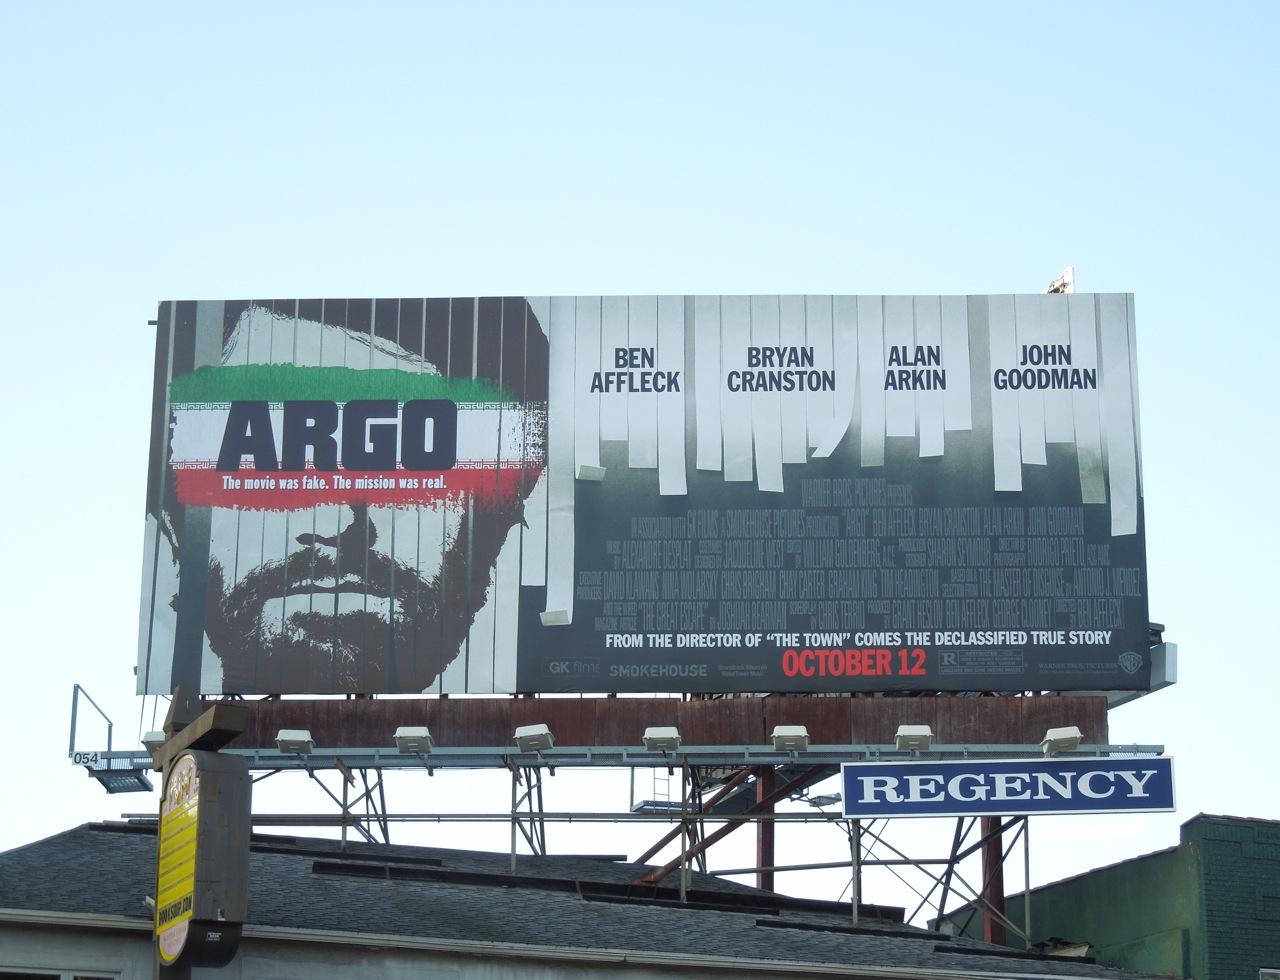 http://4.bp.blogspot.com/-JBg8op-TXFo/UGTJ_SED3rI/AAAAAAAA1Bs/DmvEWa12AqU/s1600/Argo+movie+bilboard.jpg